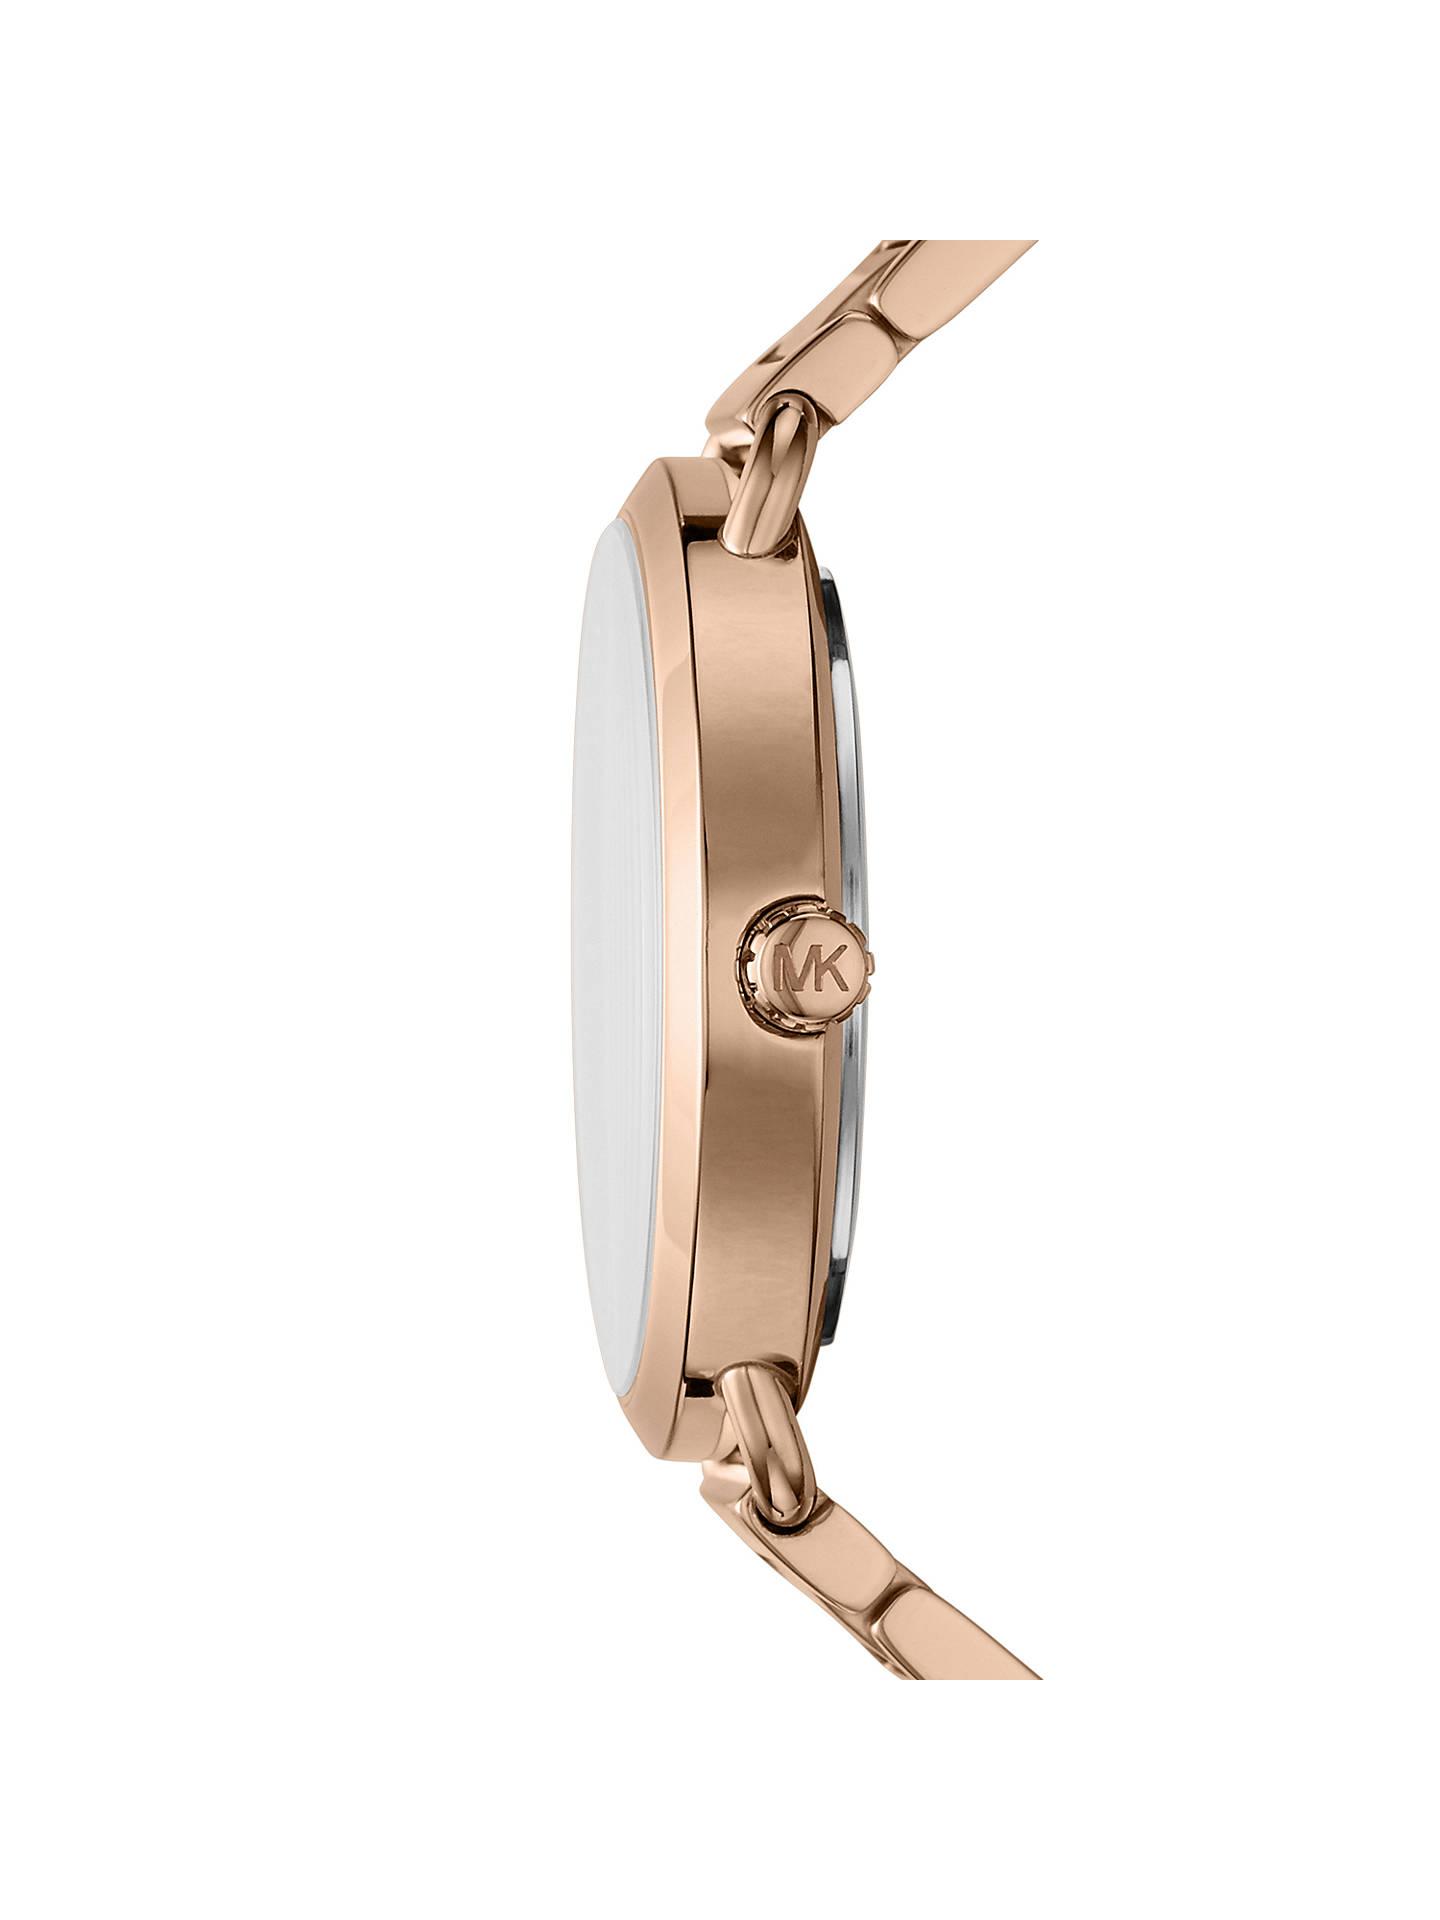 e95791bdedac ... Buy Michael Kors MK3827 Women s Portia Bracelet Strap Watch And Heart  Chain Bracelet Gift Set